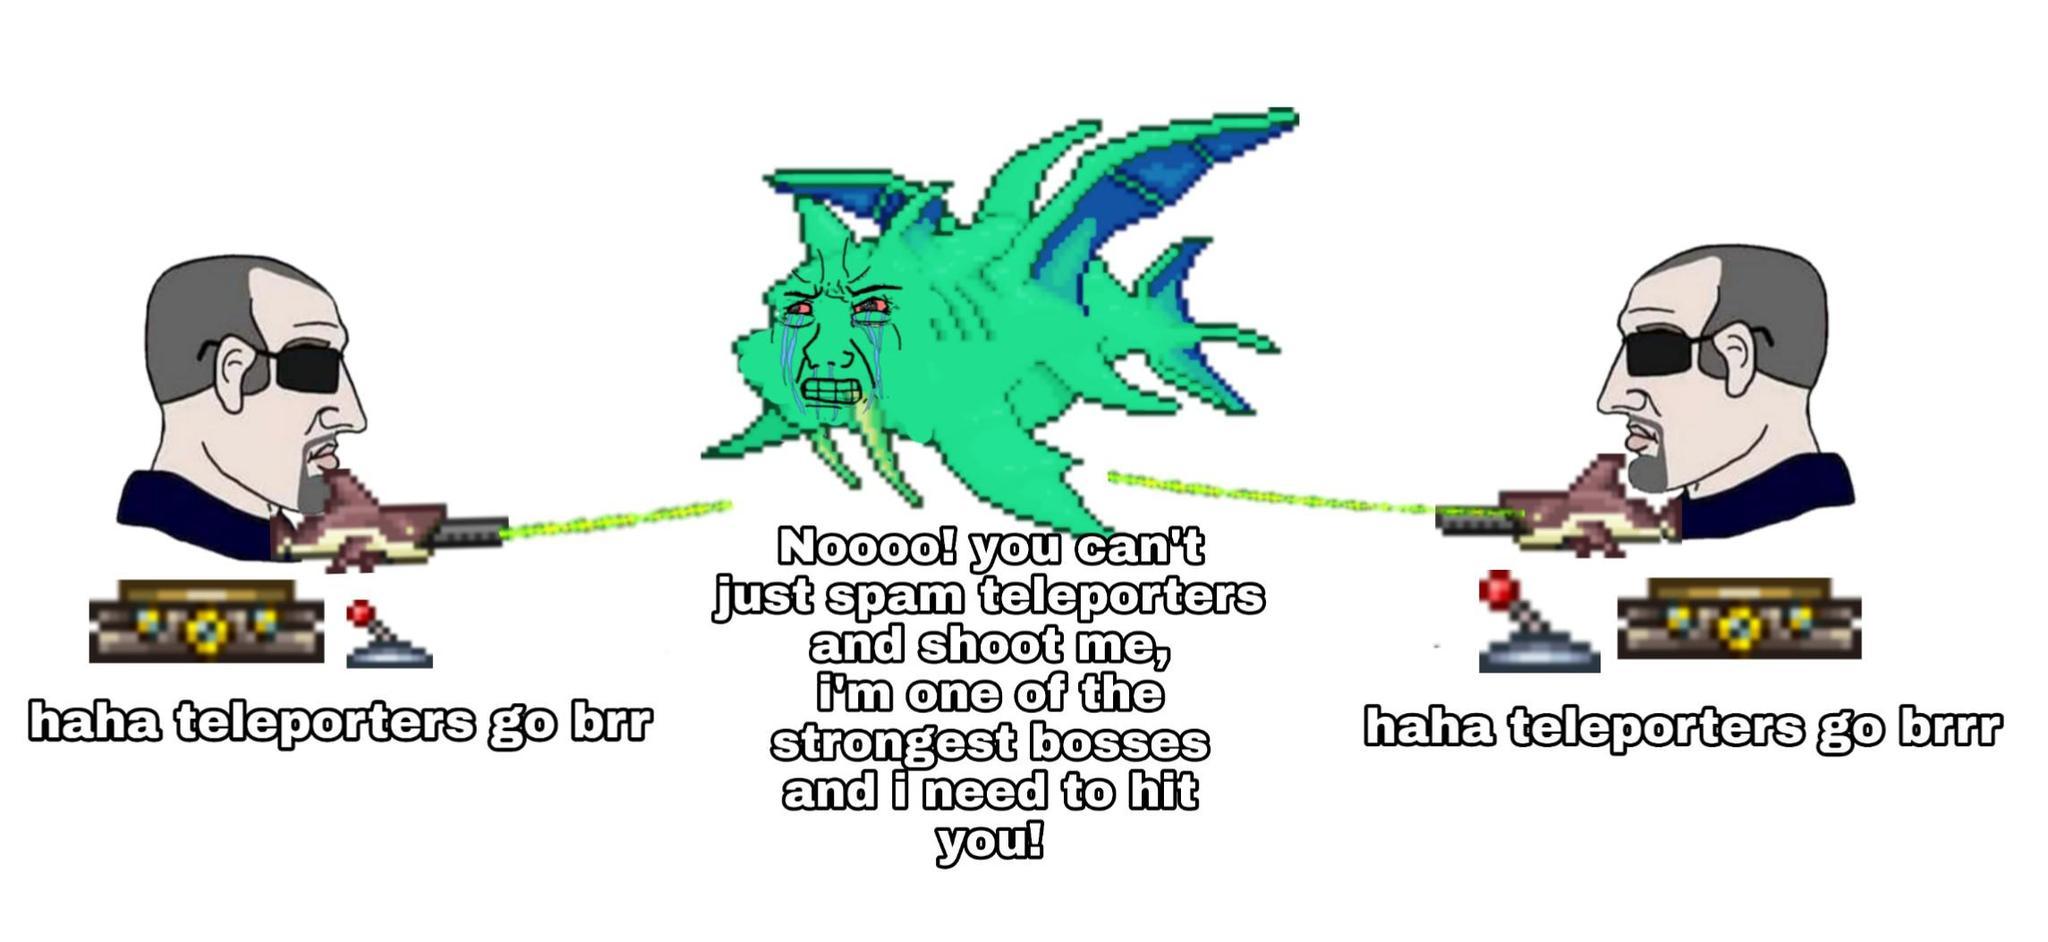 Chlorophyte bullets go brrr - meme